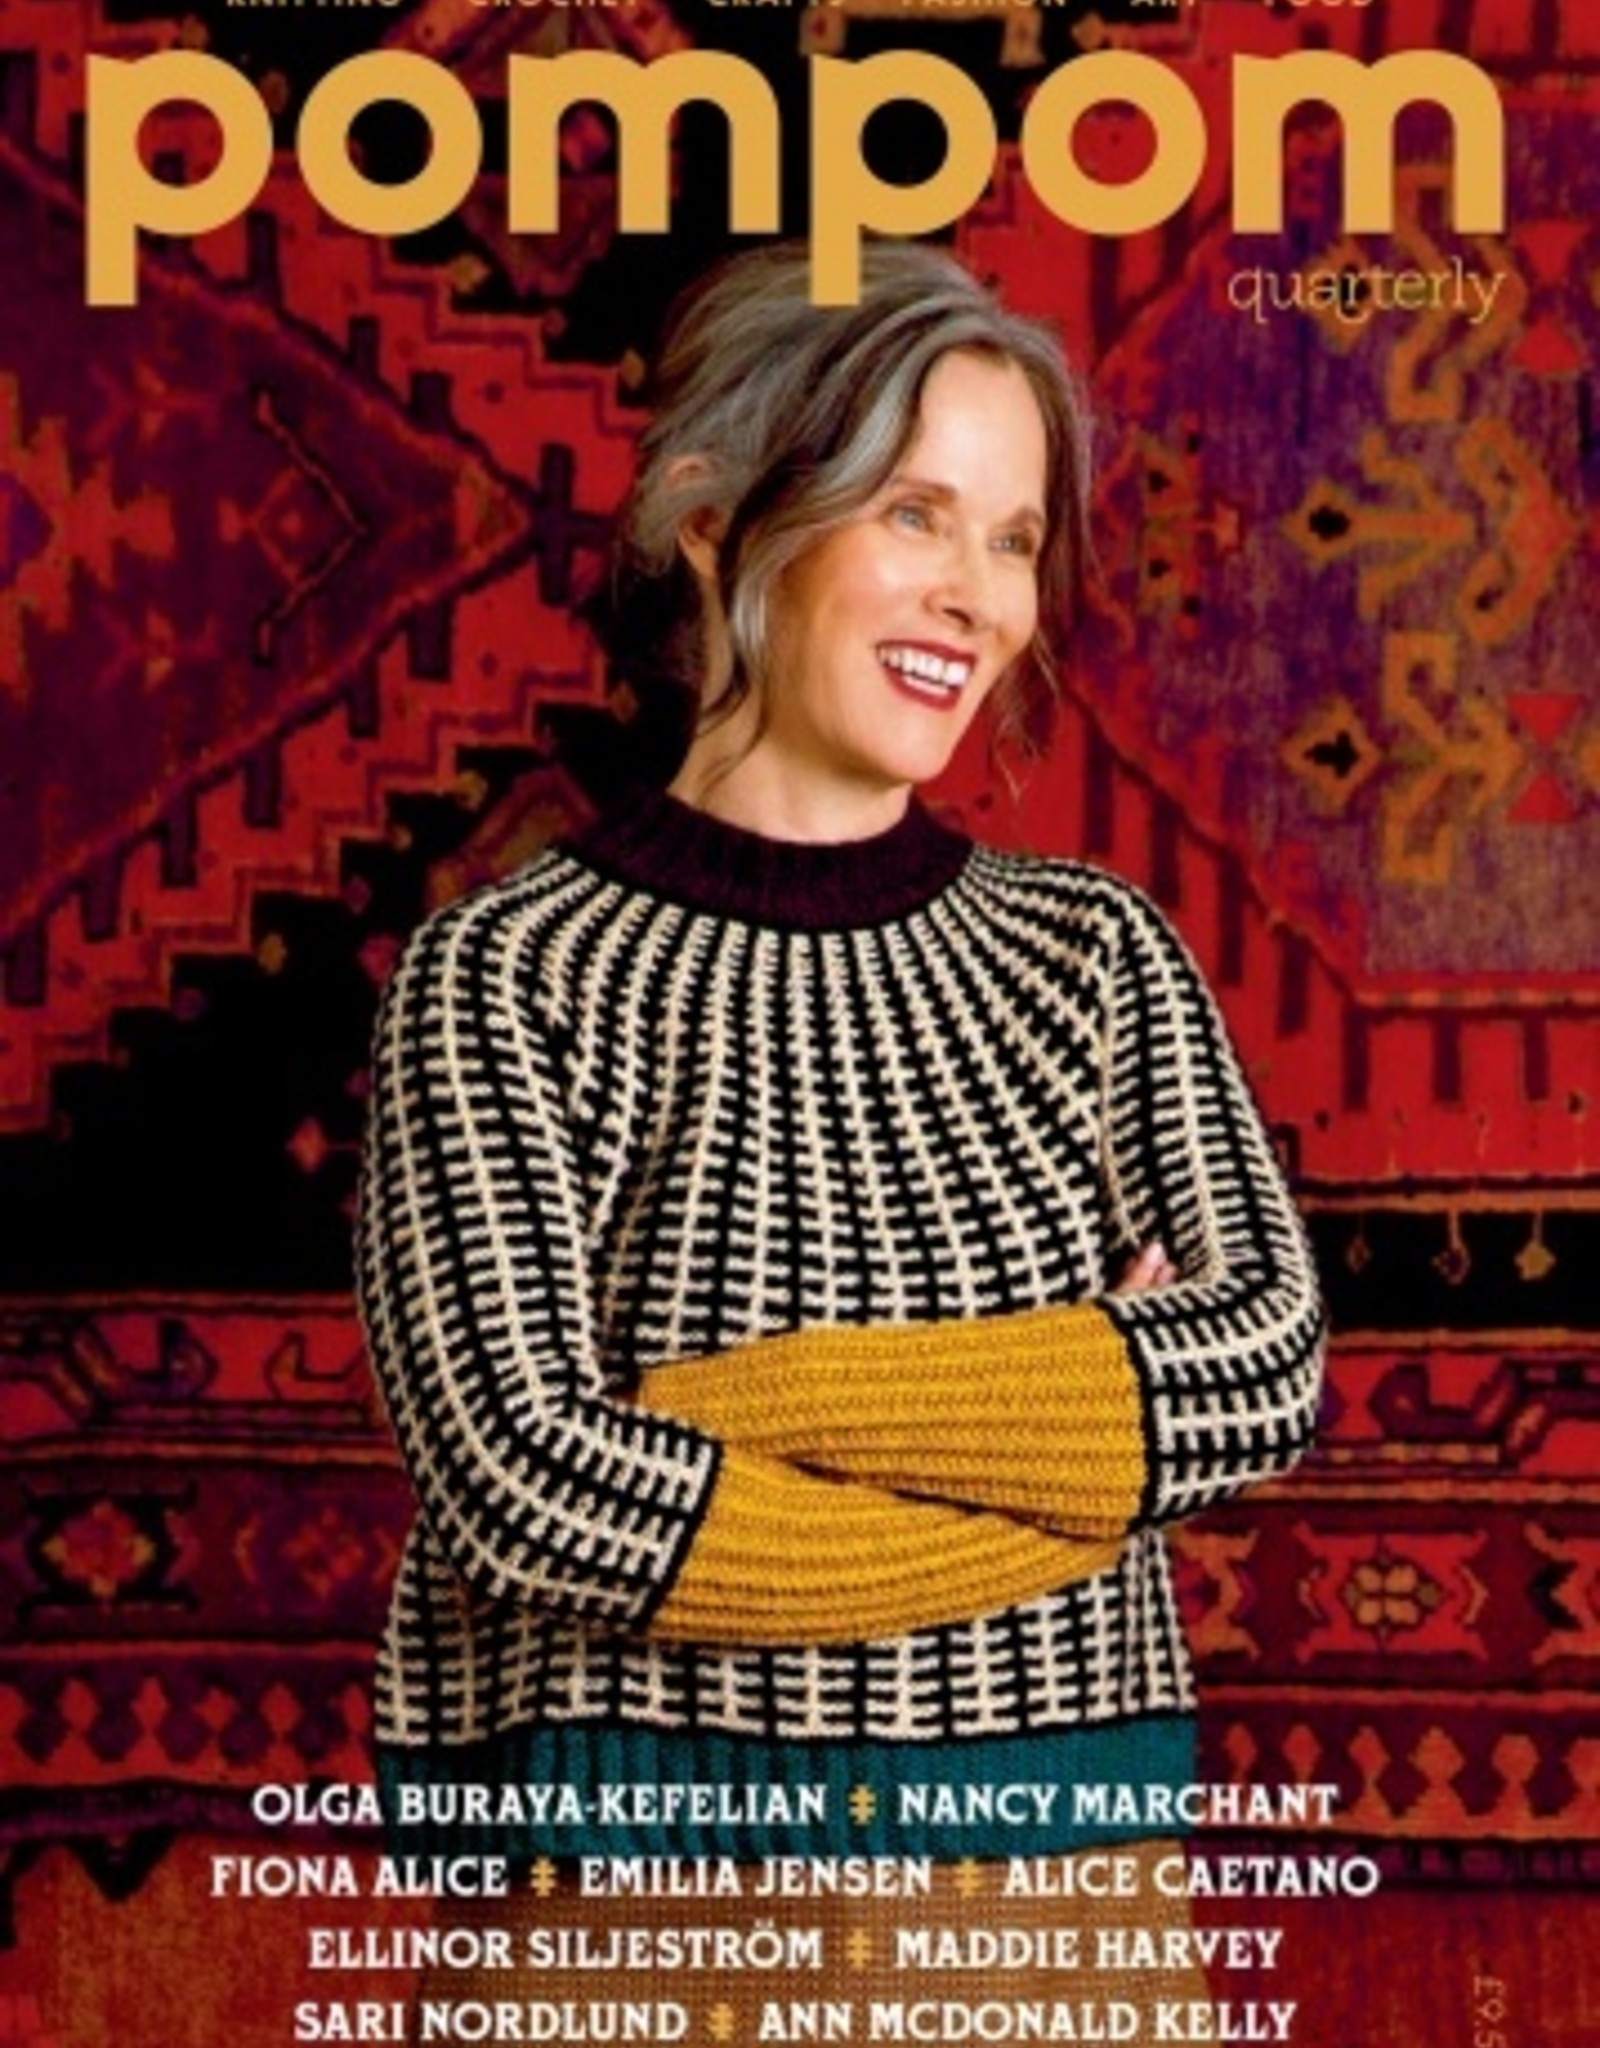 Pom Pom Pom Pom 22 Quarterly Magazine